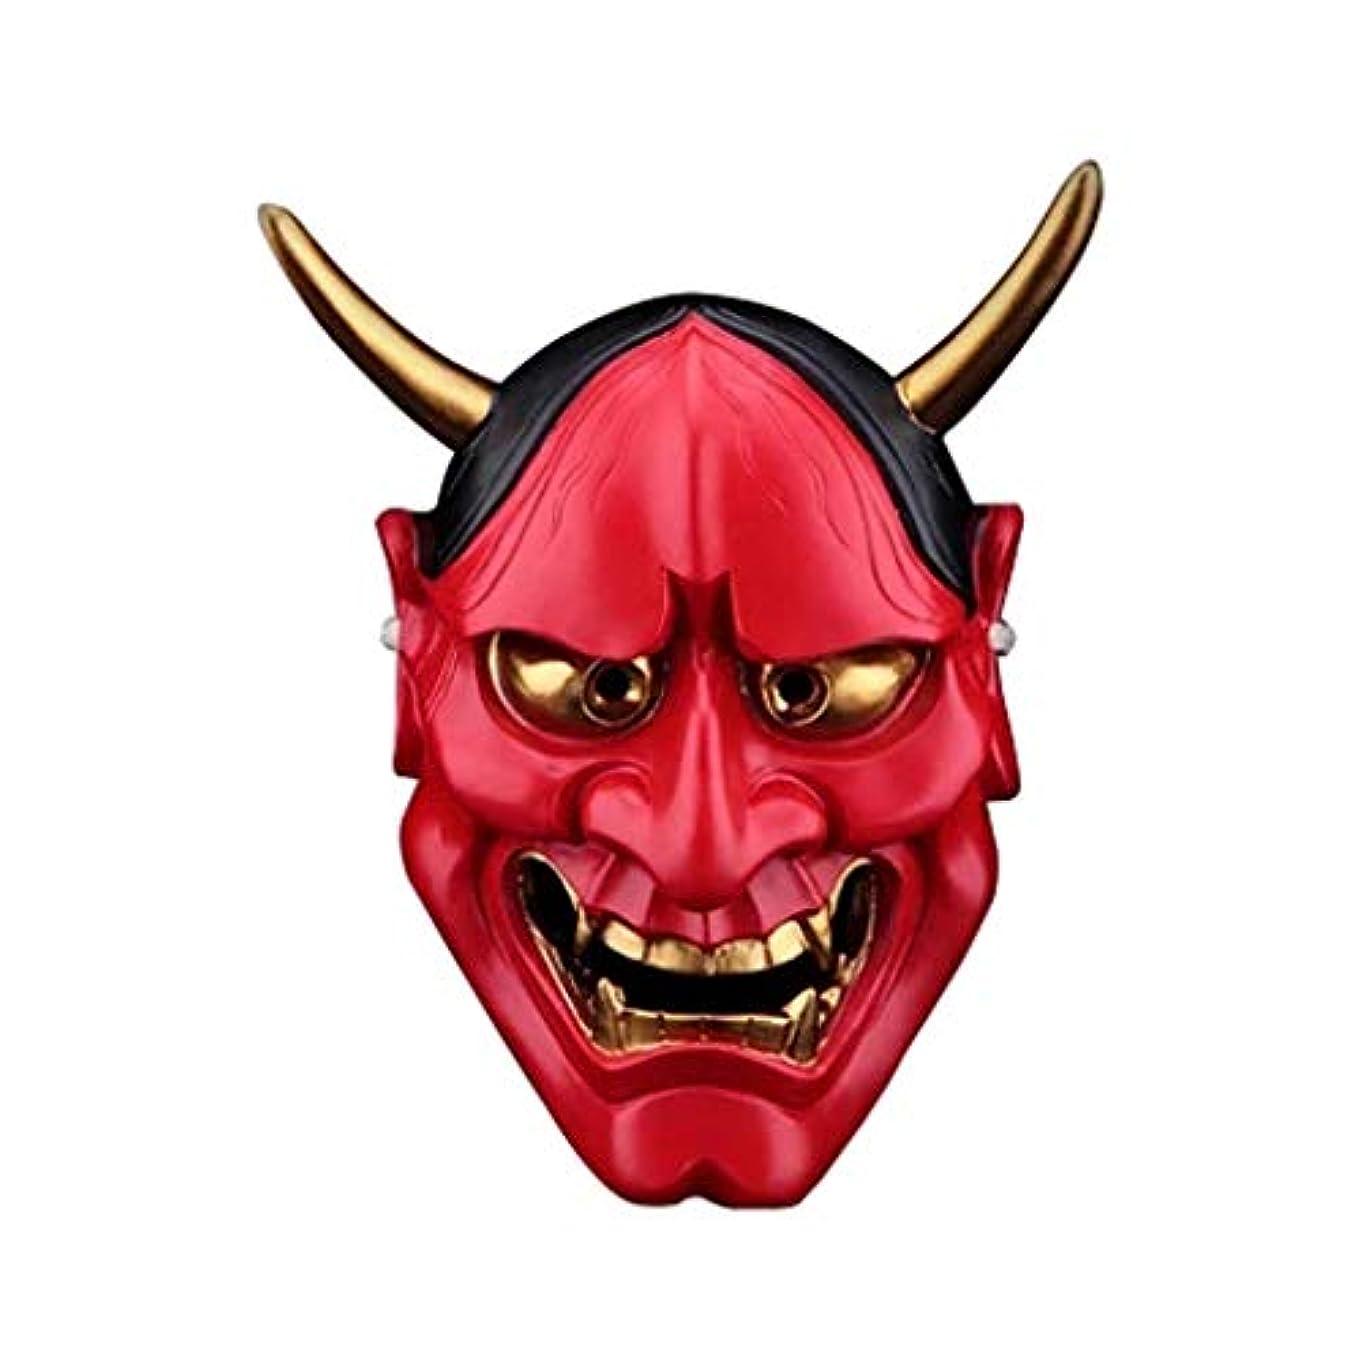 イブニングテストファイターハロウィンホラーマスク、成人用樹脂マスクデコレーション (Color : SILVER)